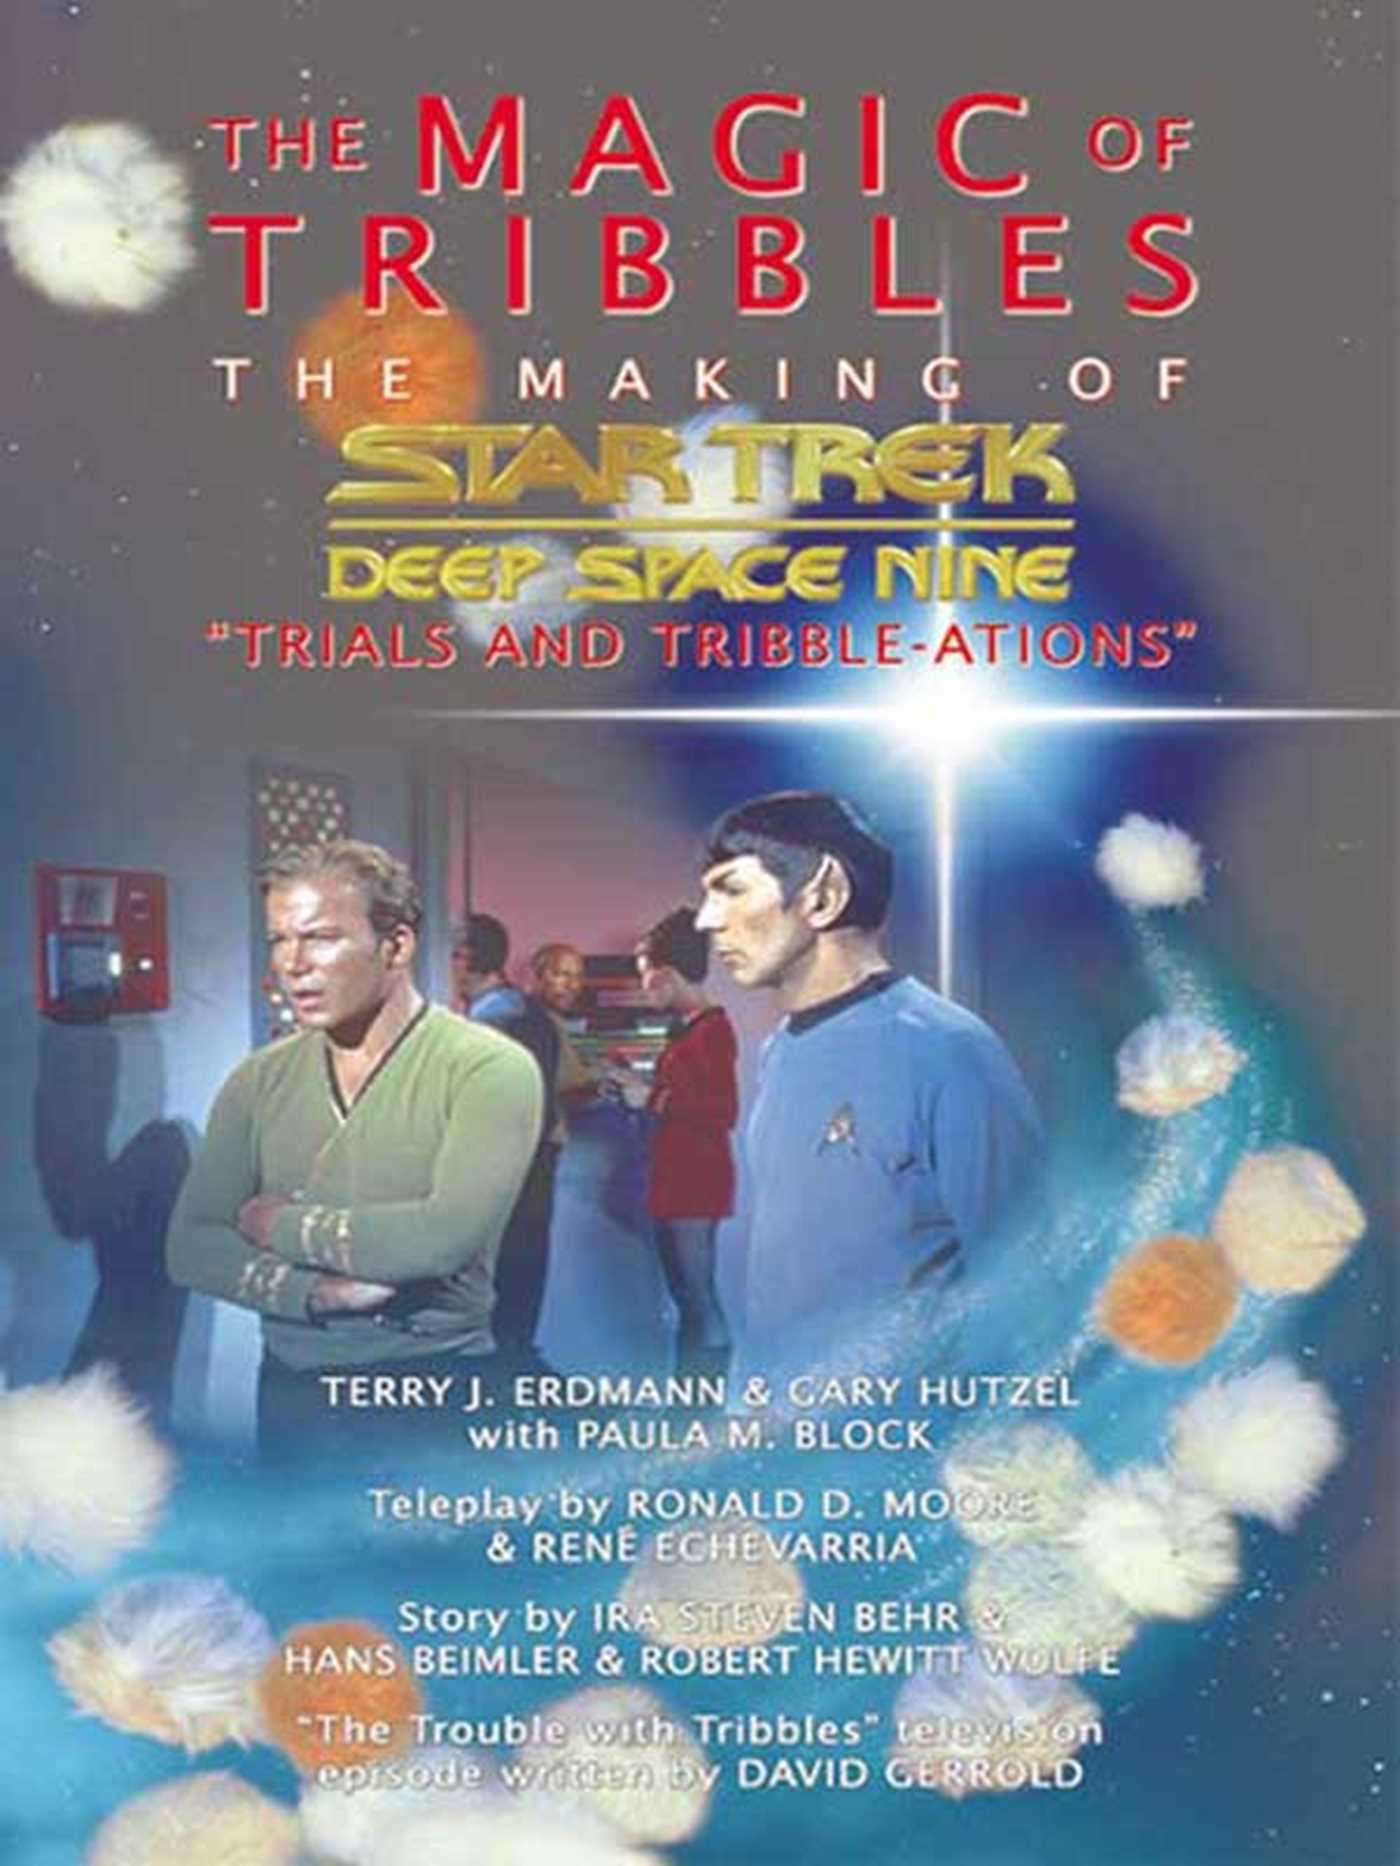 Star trek the magic of tribbles 9780743446235 hr